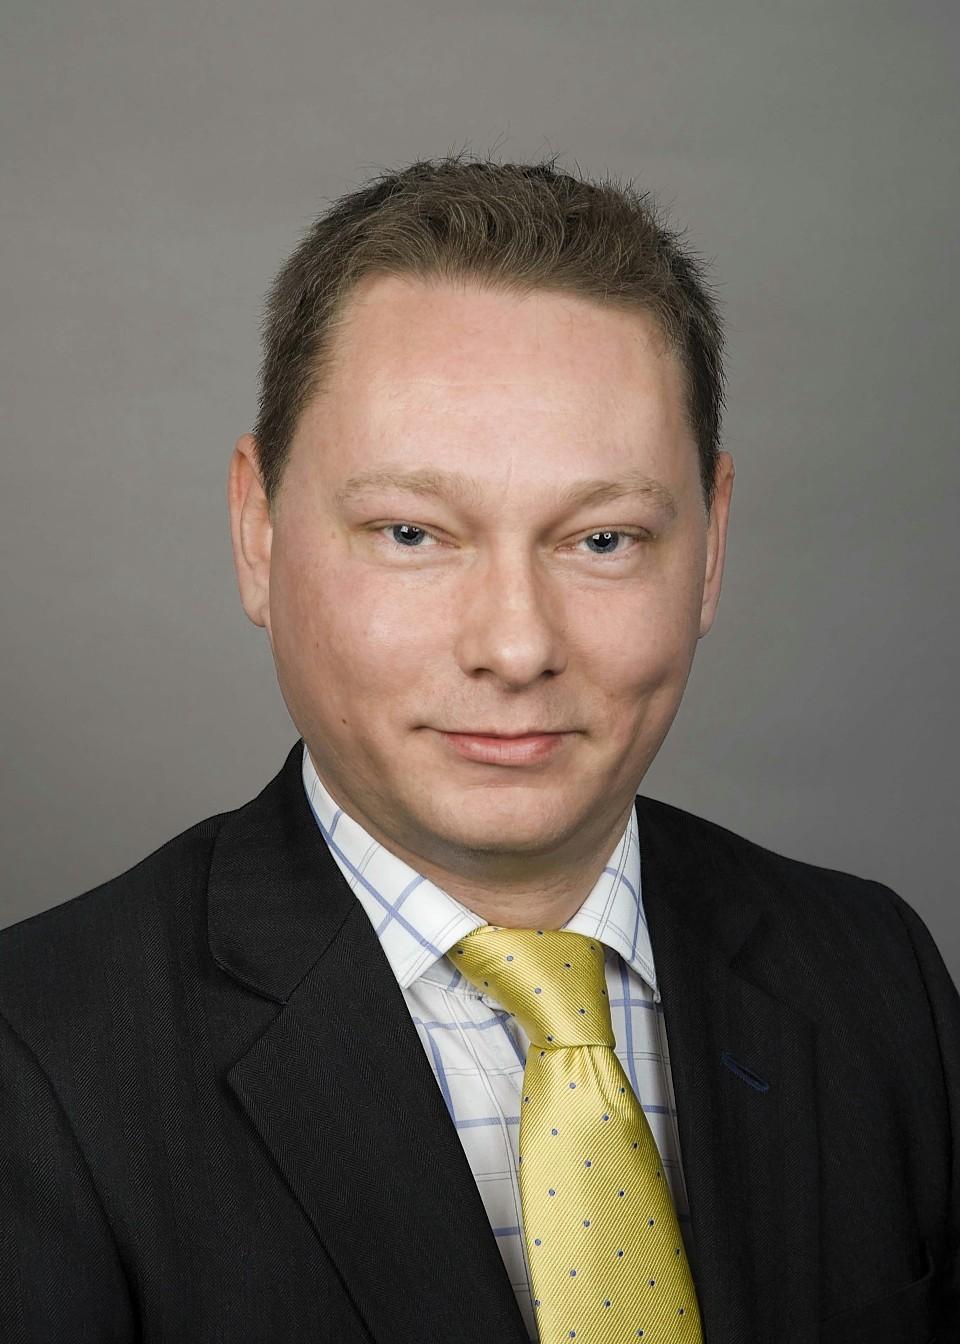 Councillor Richard Thomson